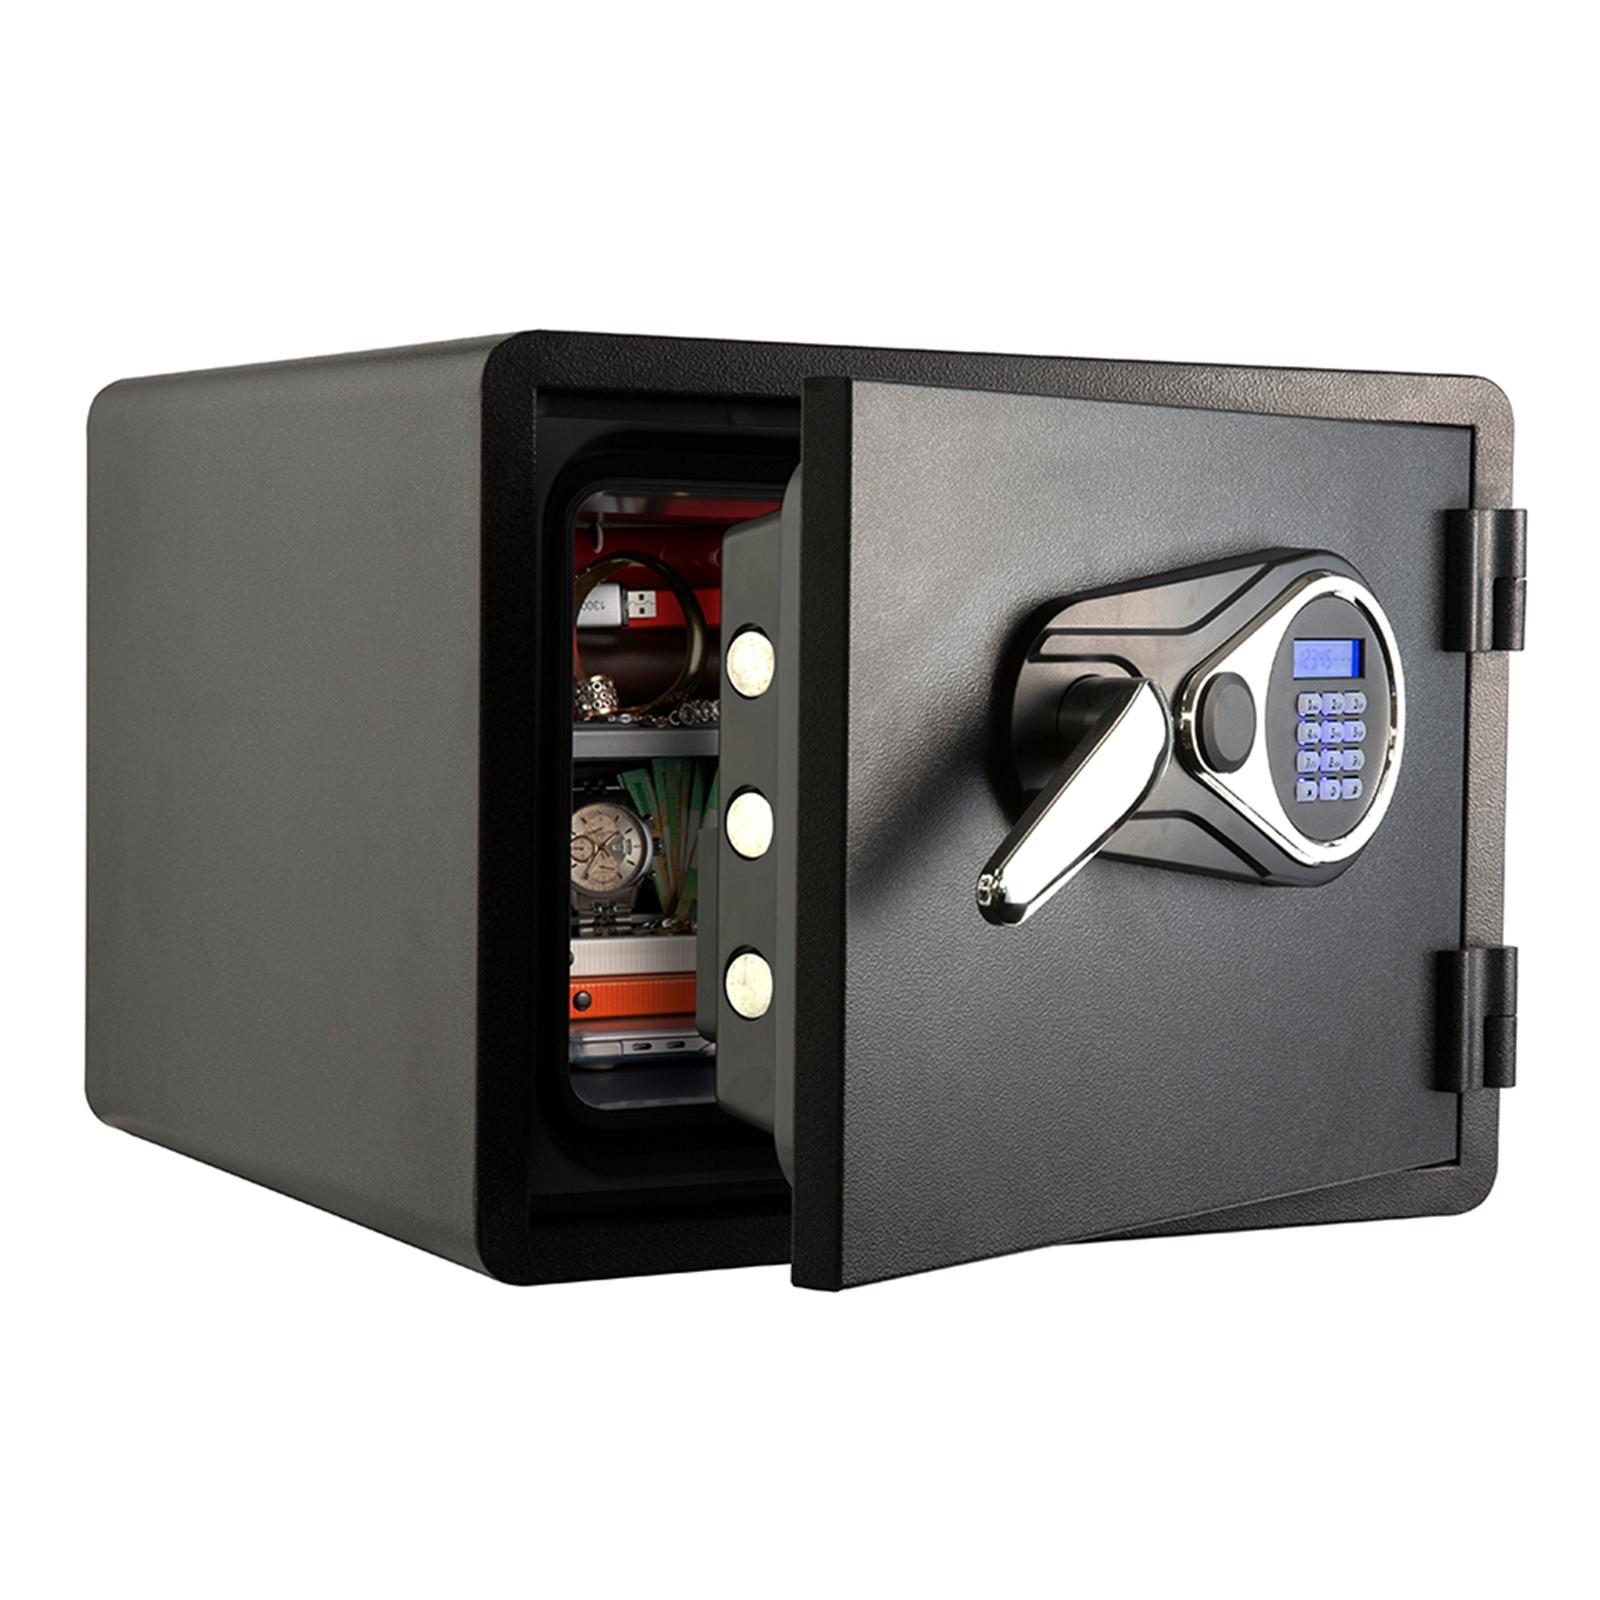 Sandleford 23.5L Karbon Black Fire And Waterproof Safe